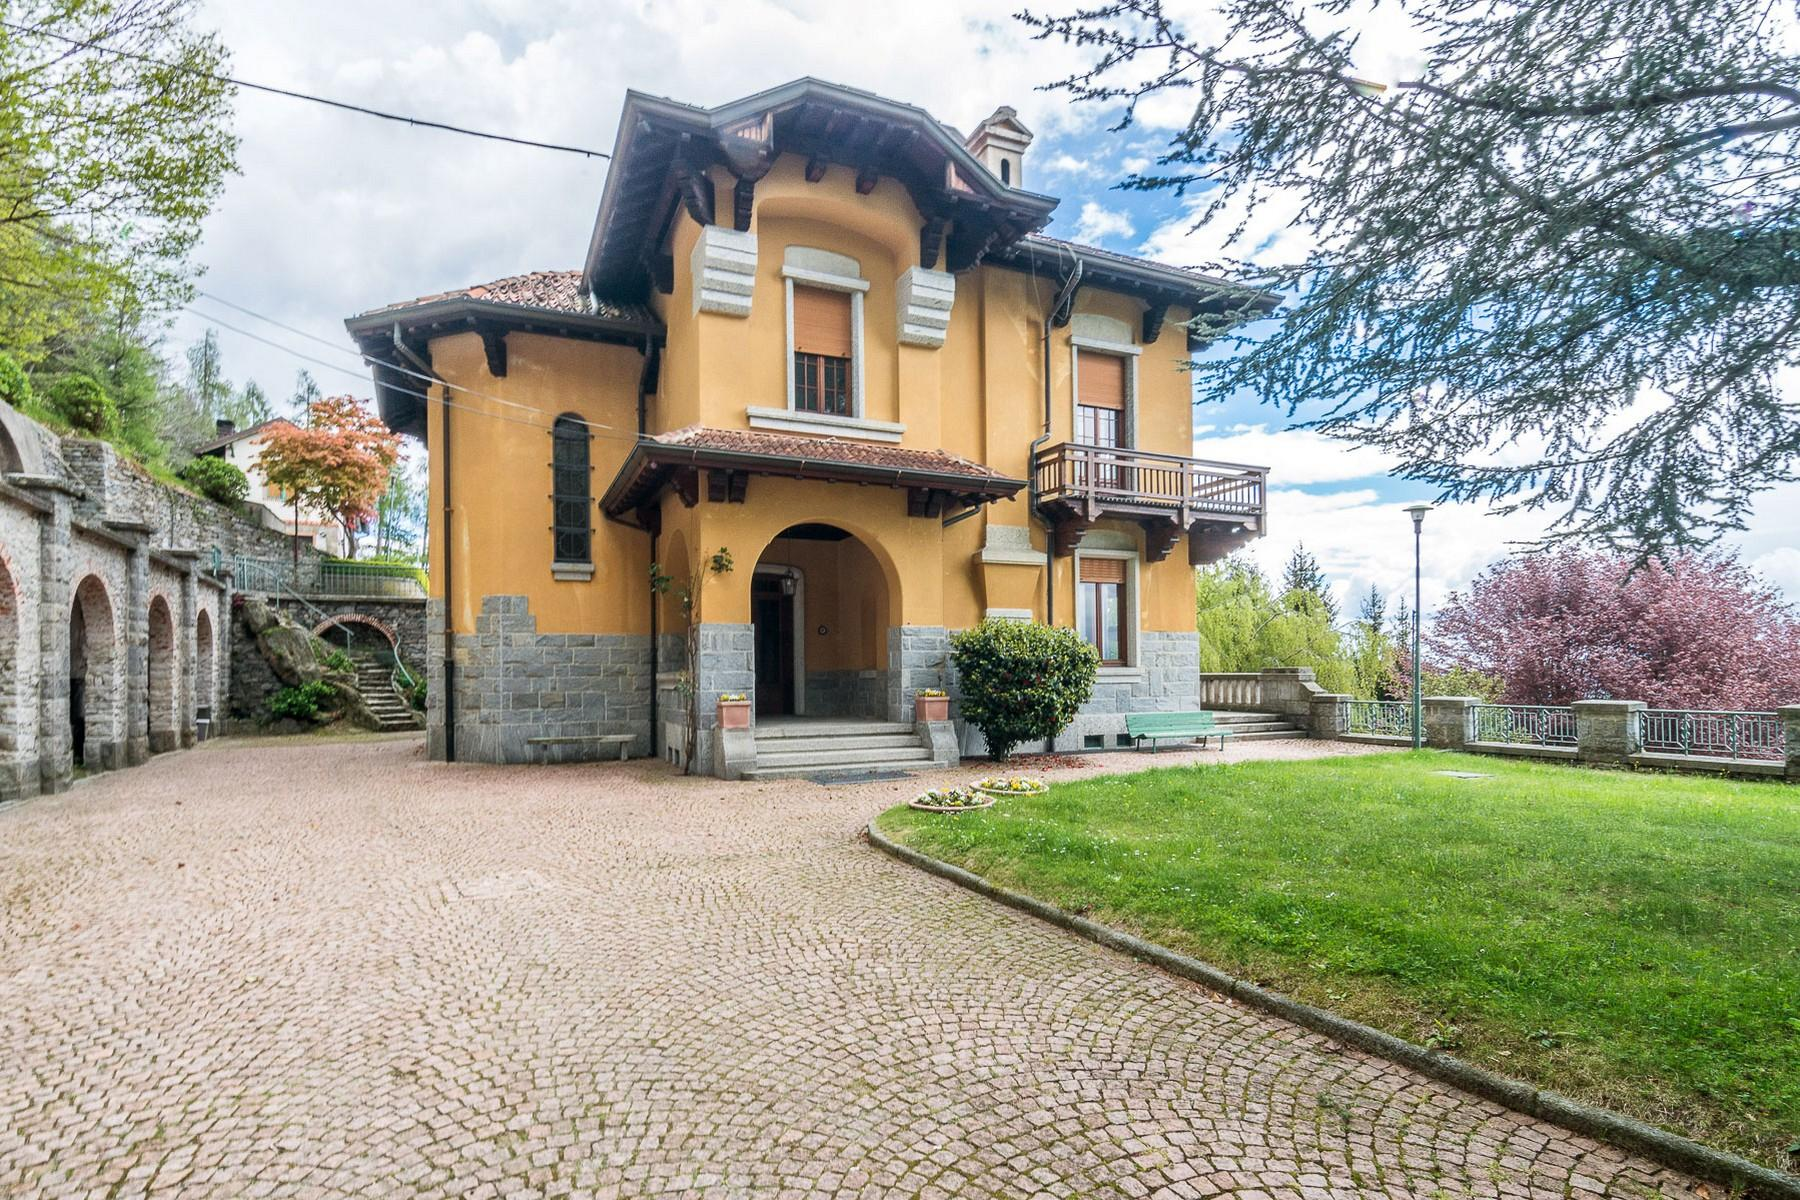 Villa storica in parco centenario sul lago Maggiore - 7